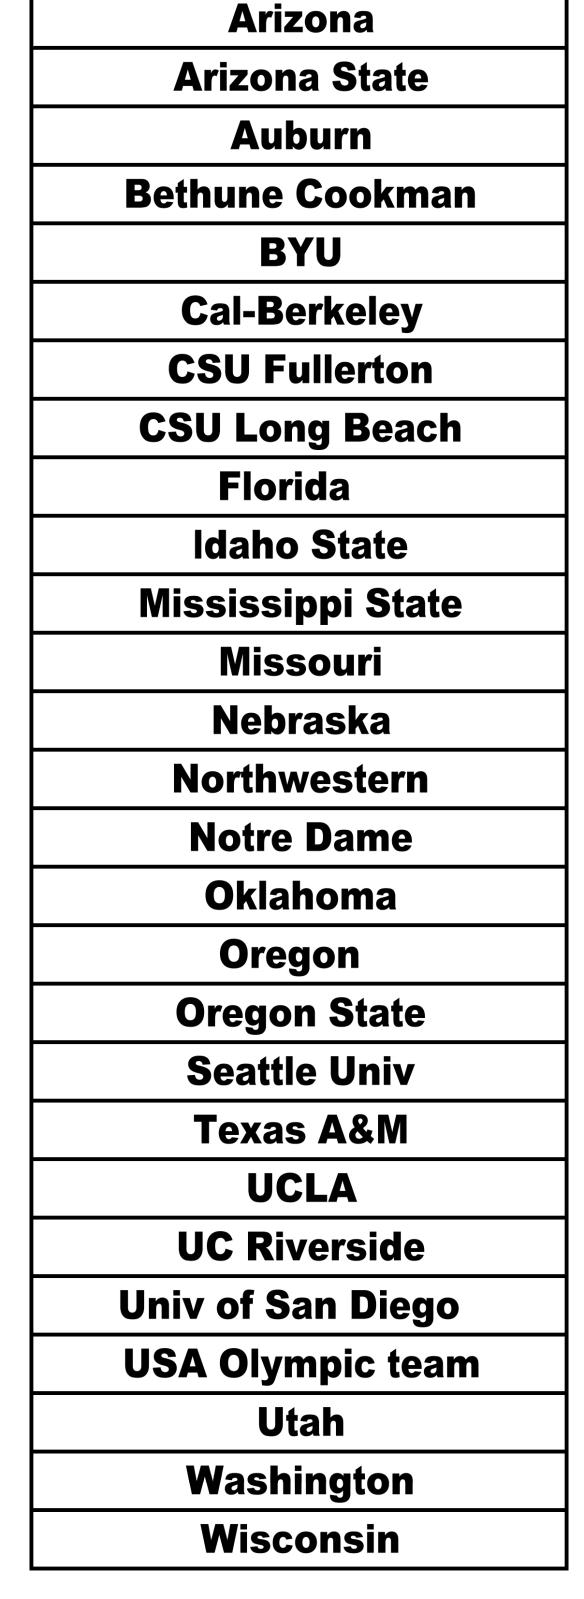 team list 8-19-19